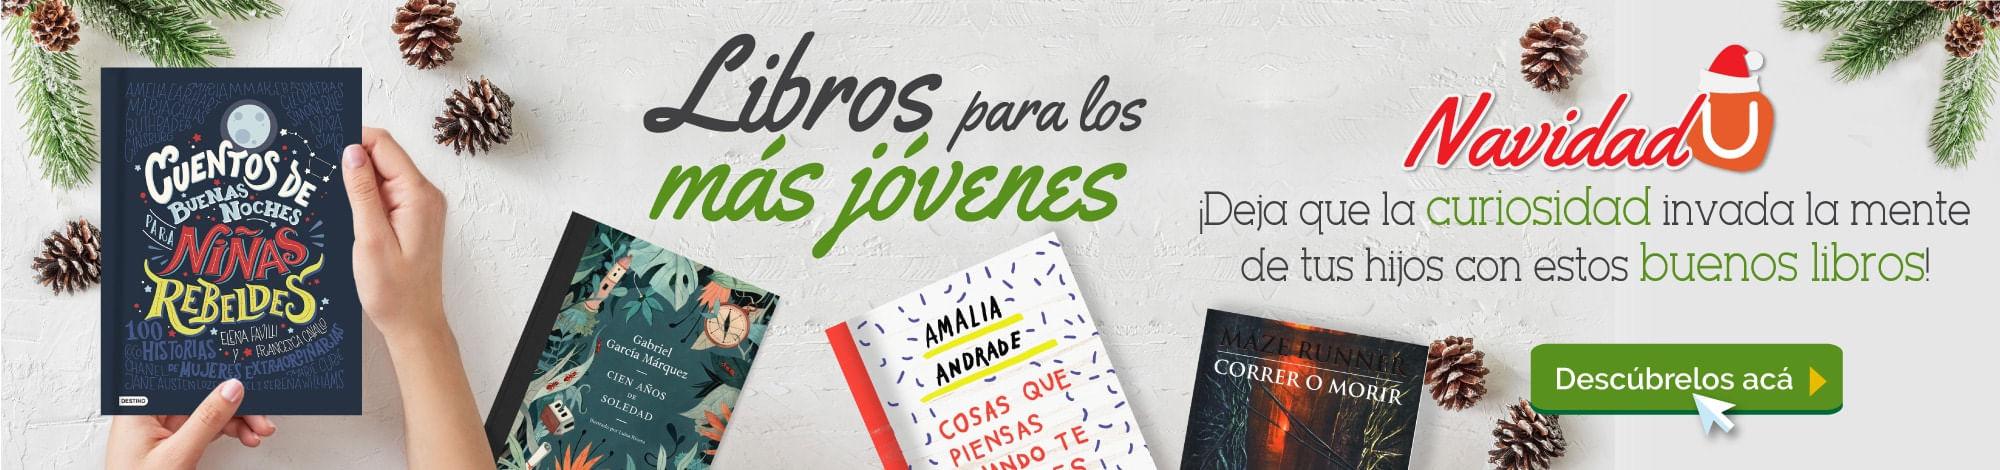 librosJovenes, LibreriadelaU, libros impresos, ebooks, revistas y mucho más